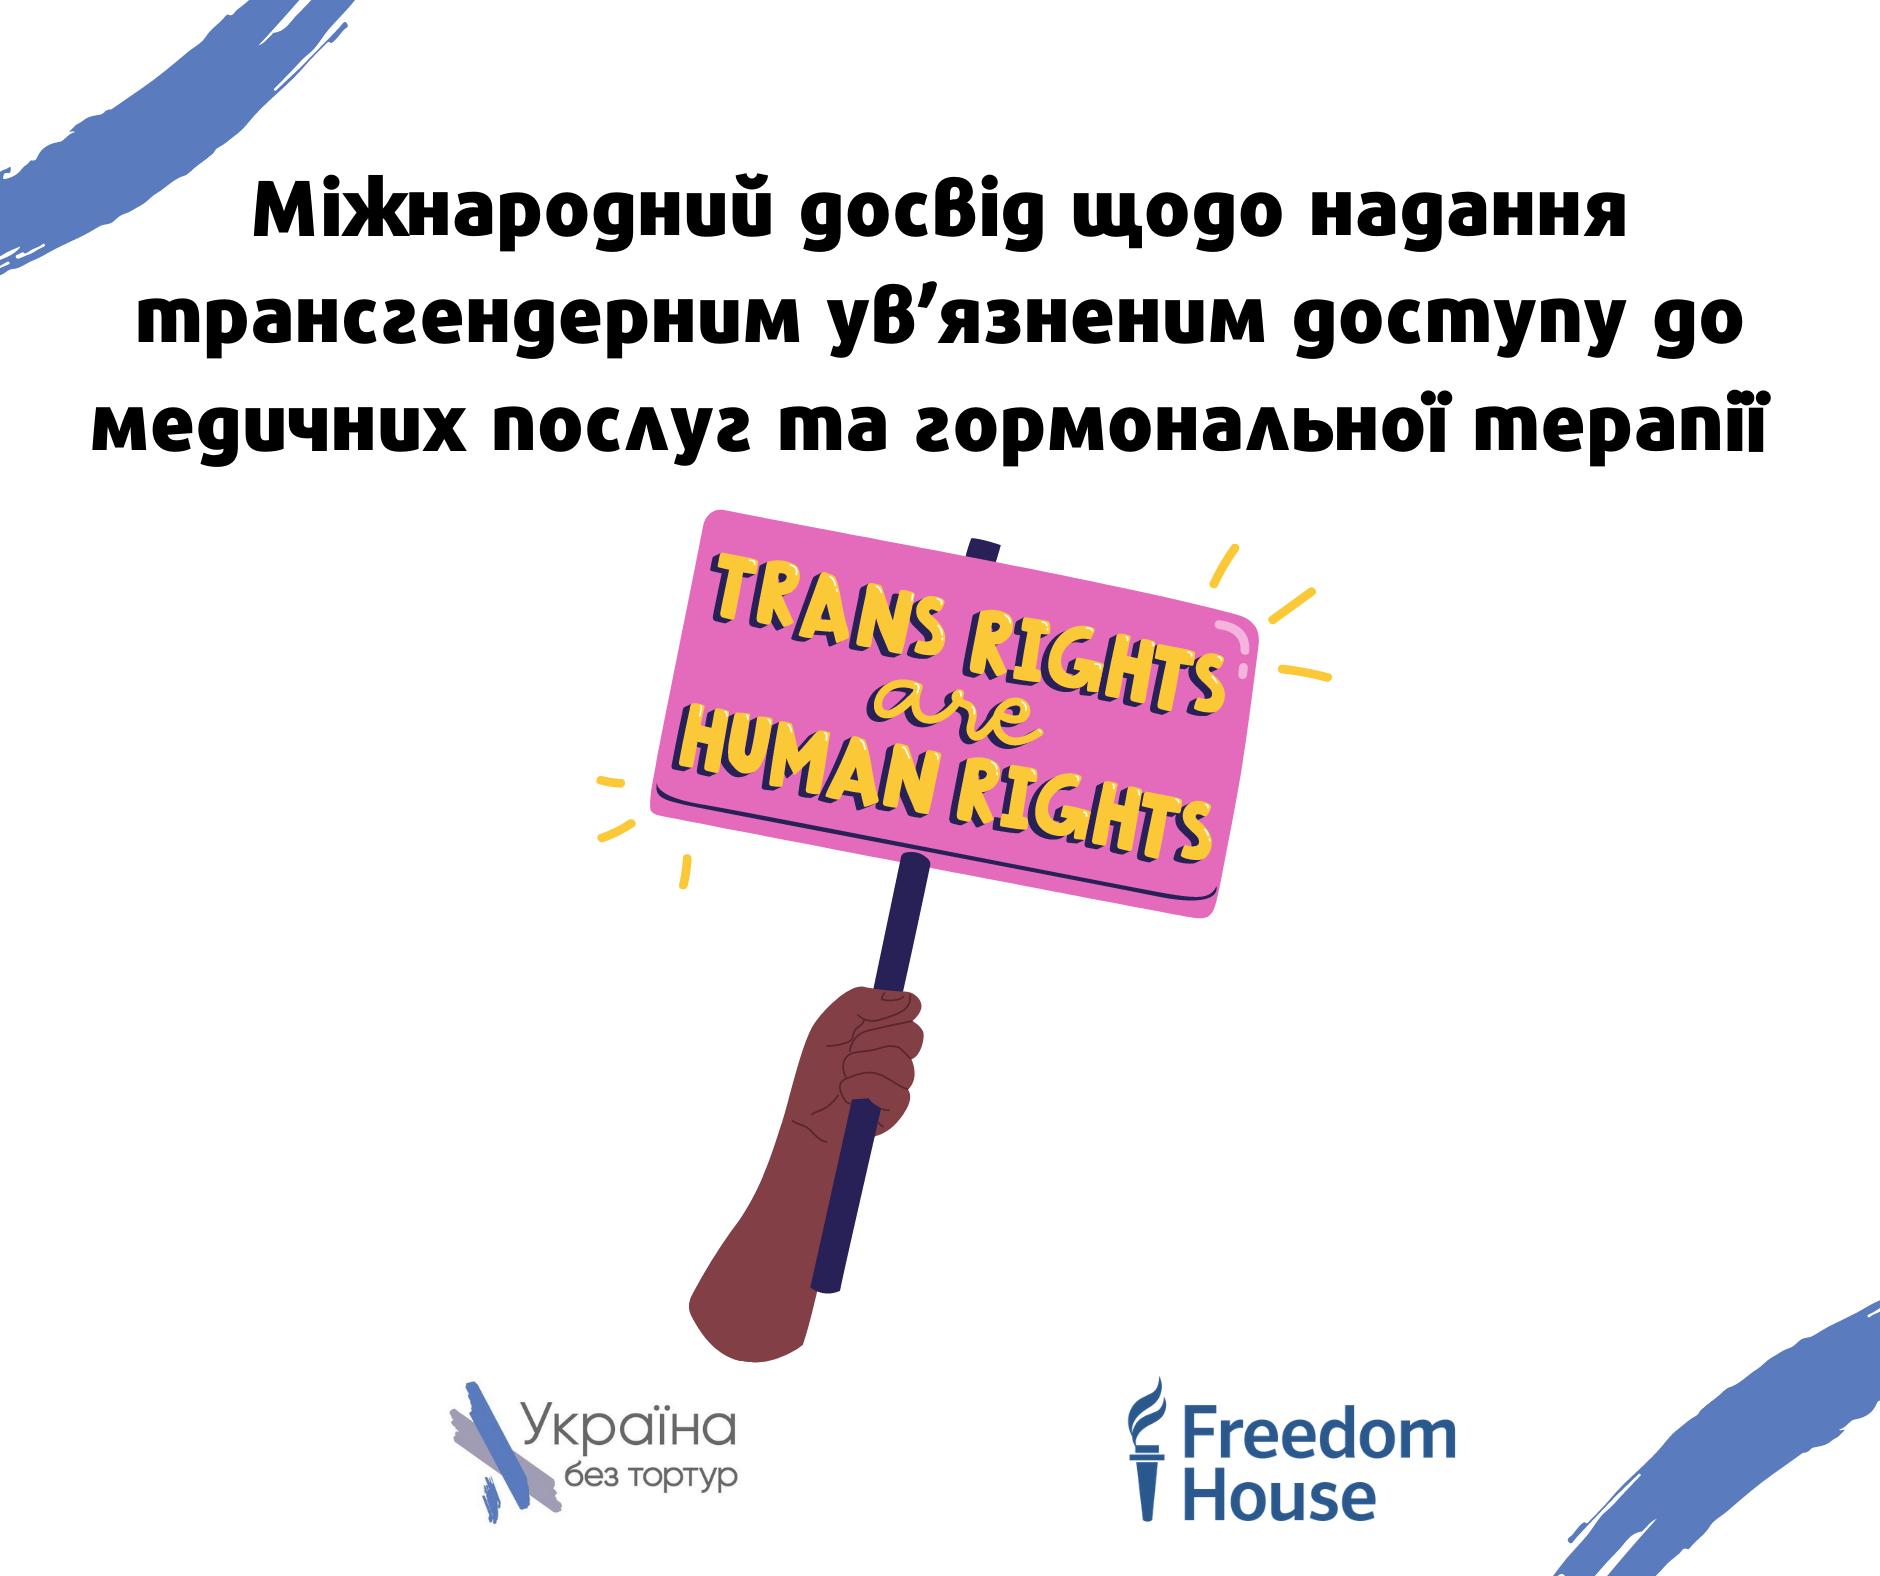 Міжнародний досвід щодо надання трансгендерним ув'язненим доступу до медичних послуг та гормональної терапії